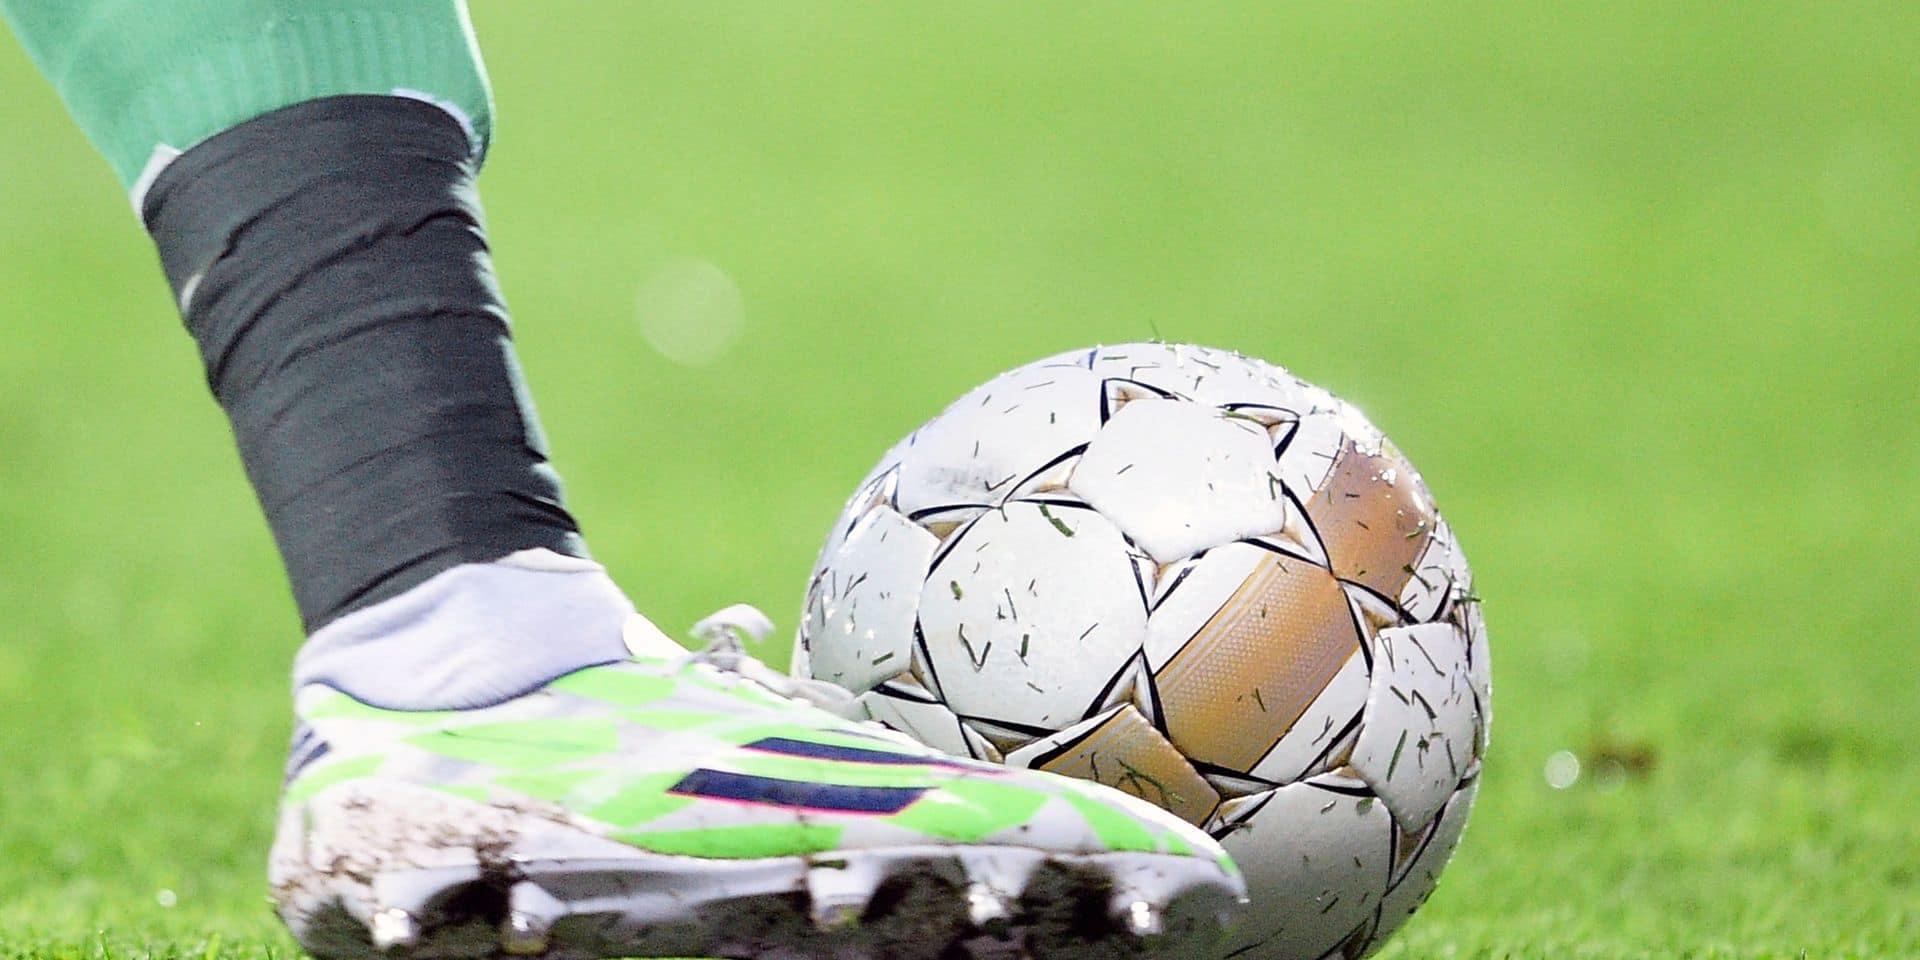 La fédération serbe sanctionne deux clubs pour des matches truqués repérés par l'UEFA